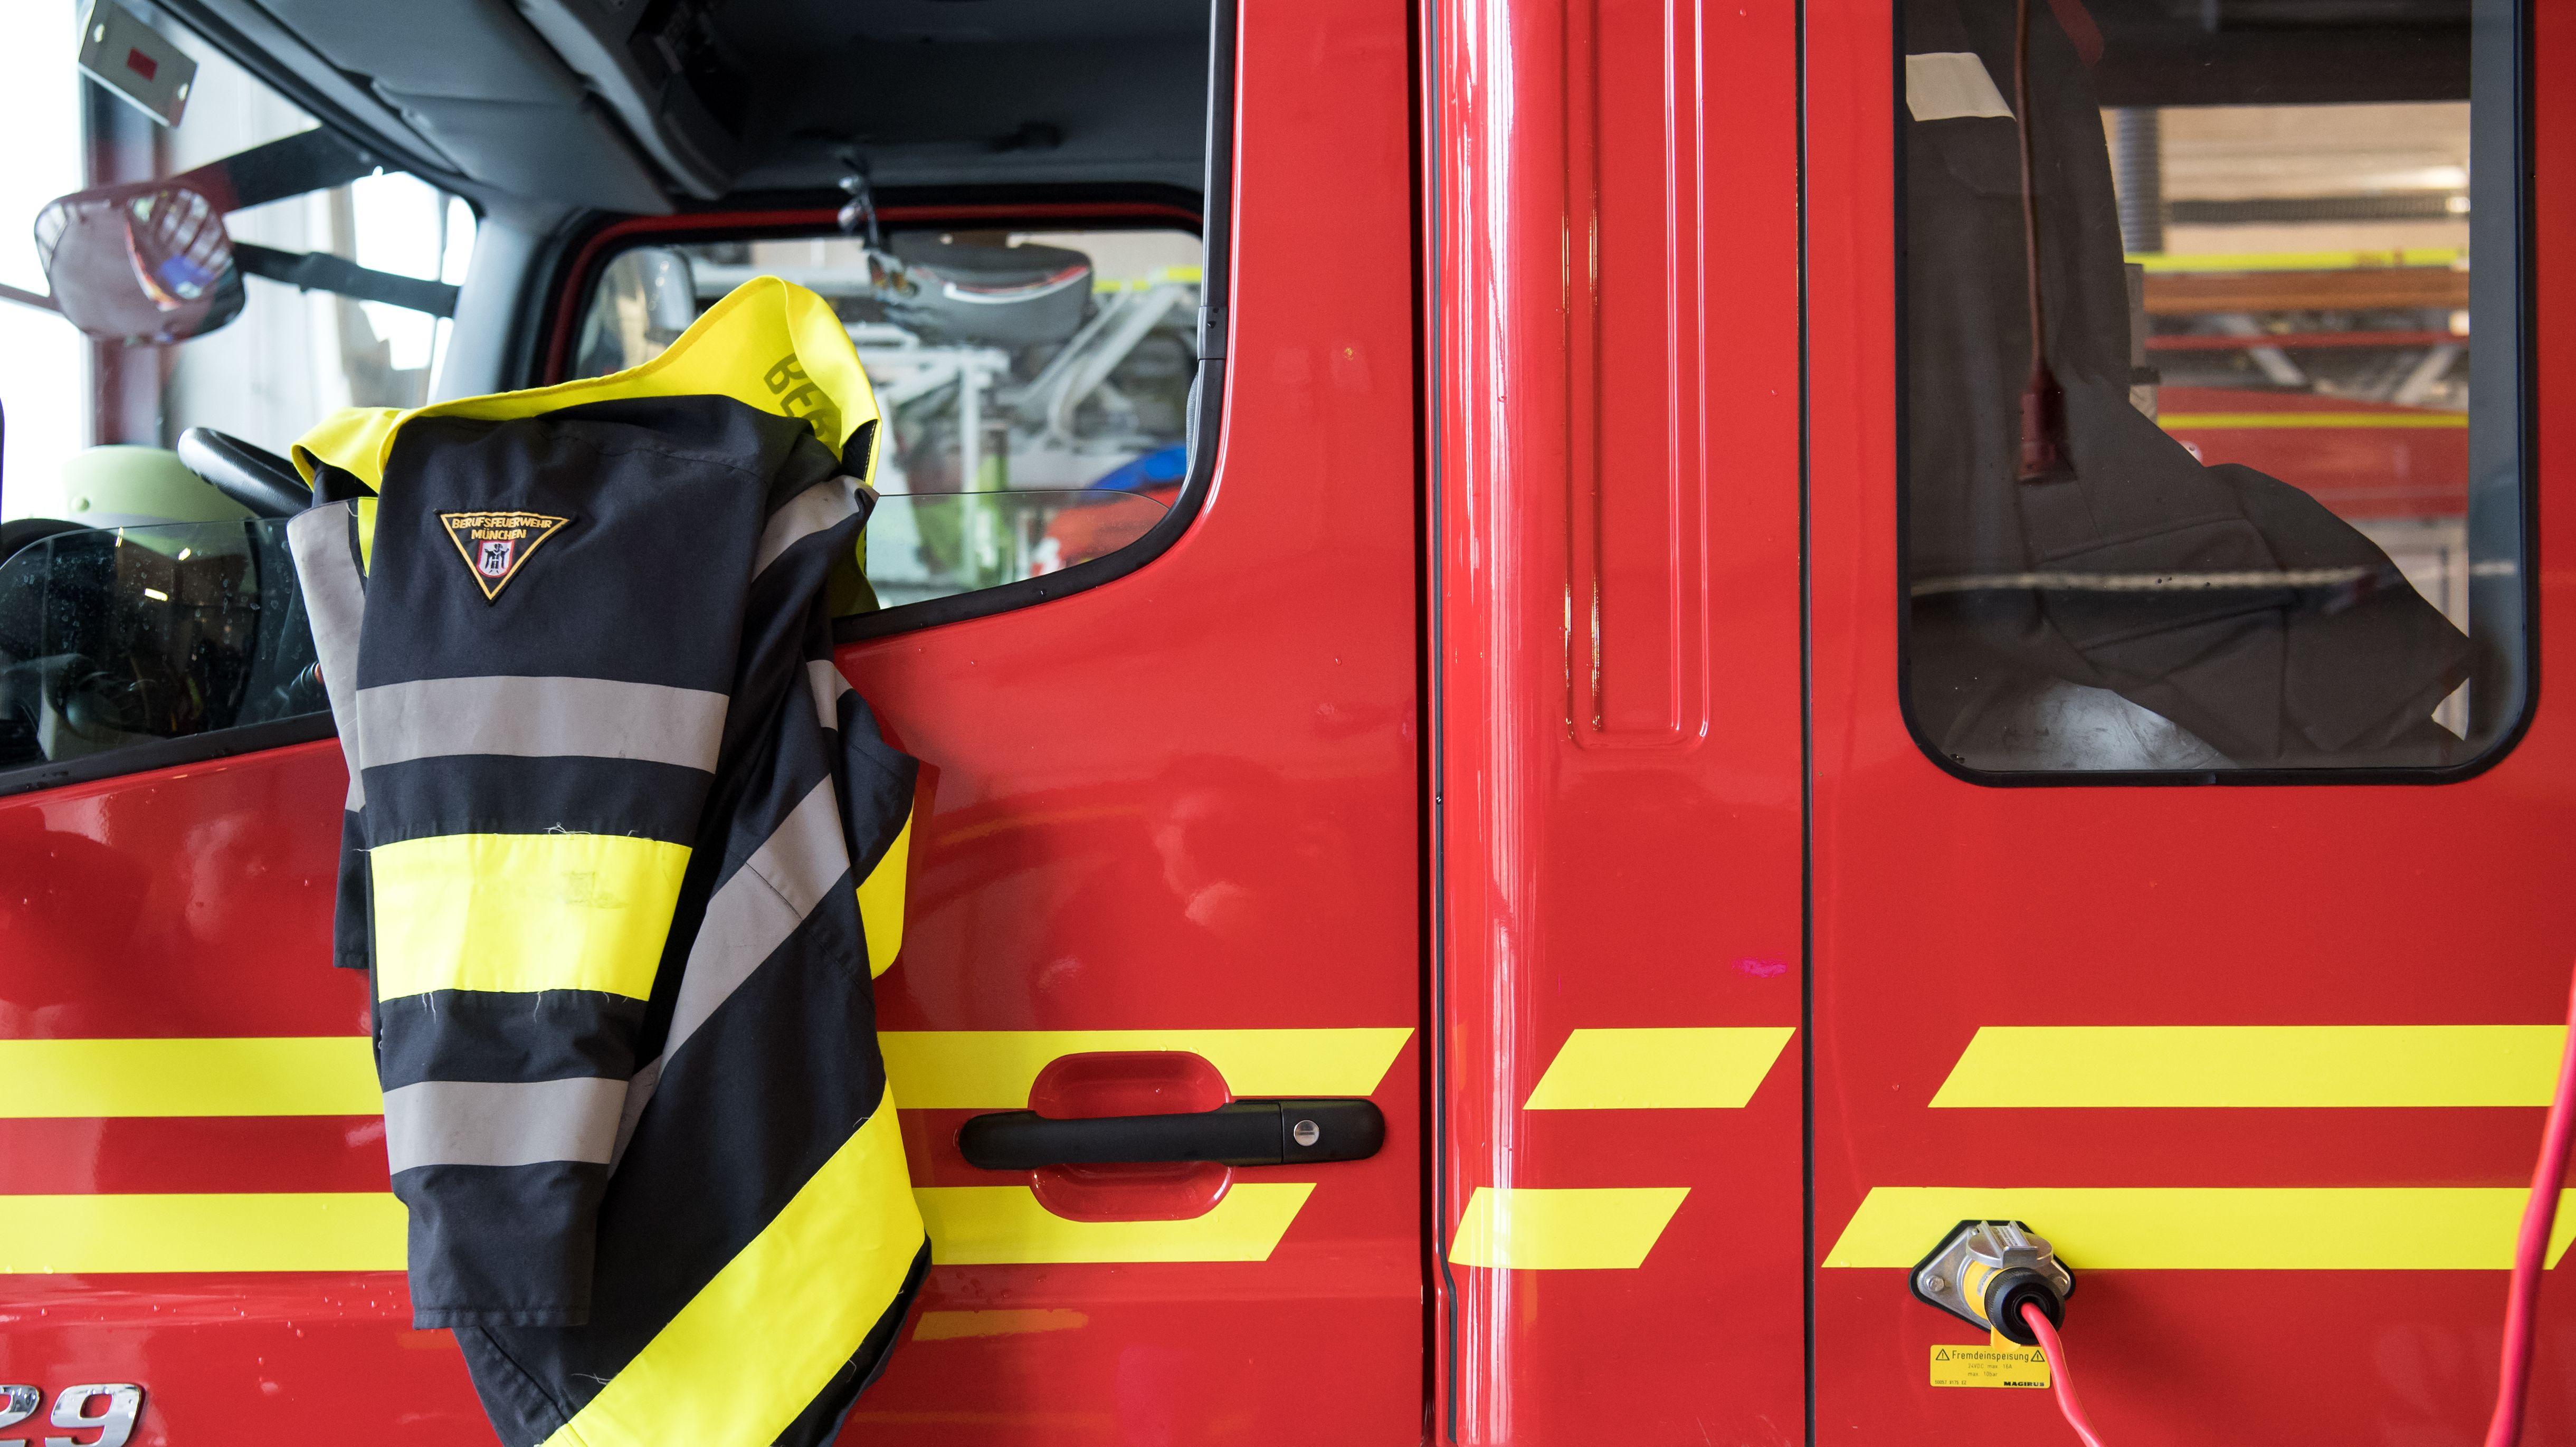 Eine Feuerwehrjacke der Berufsfeuerwehr München hängt an einem Feuerwehrfahrzeug